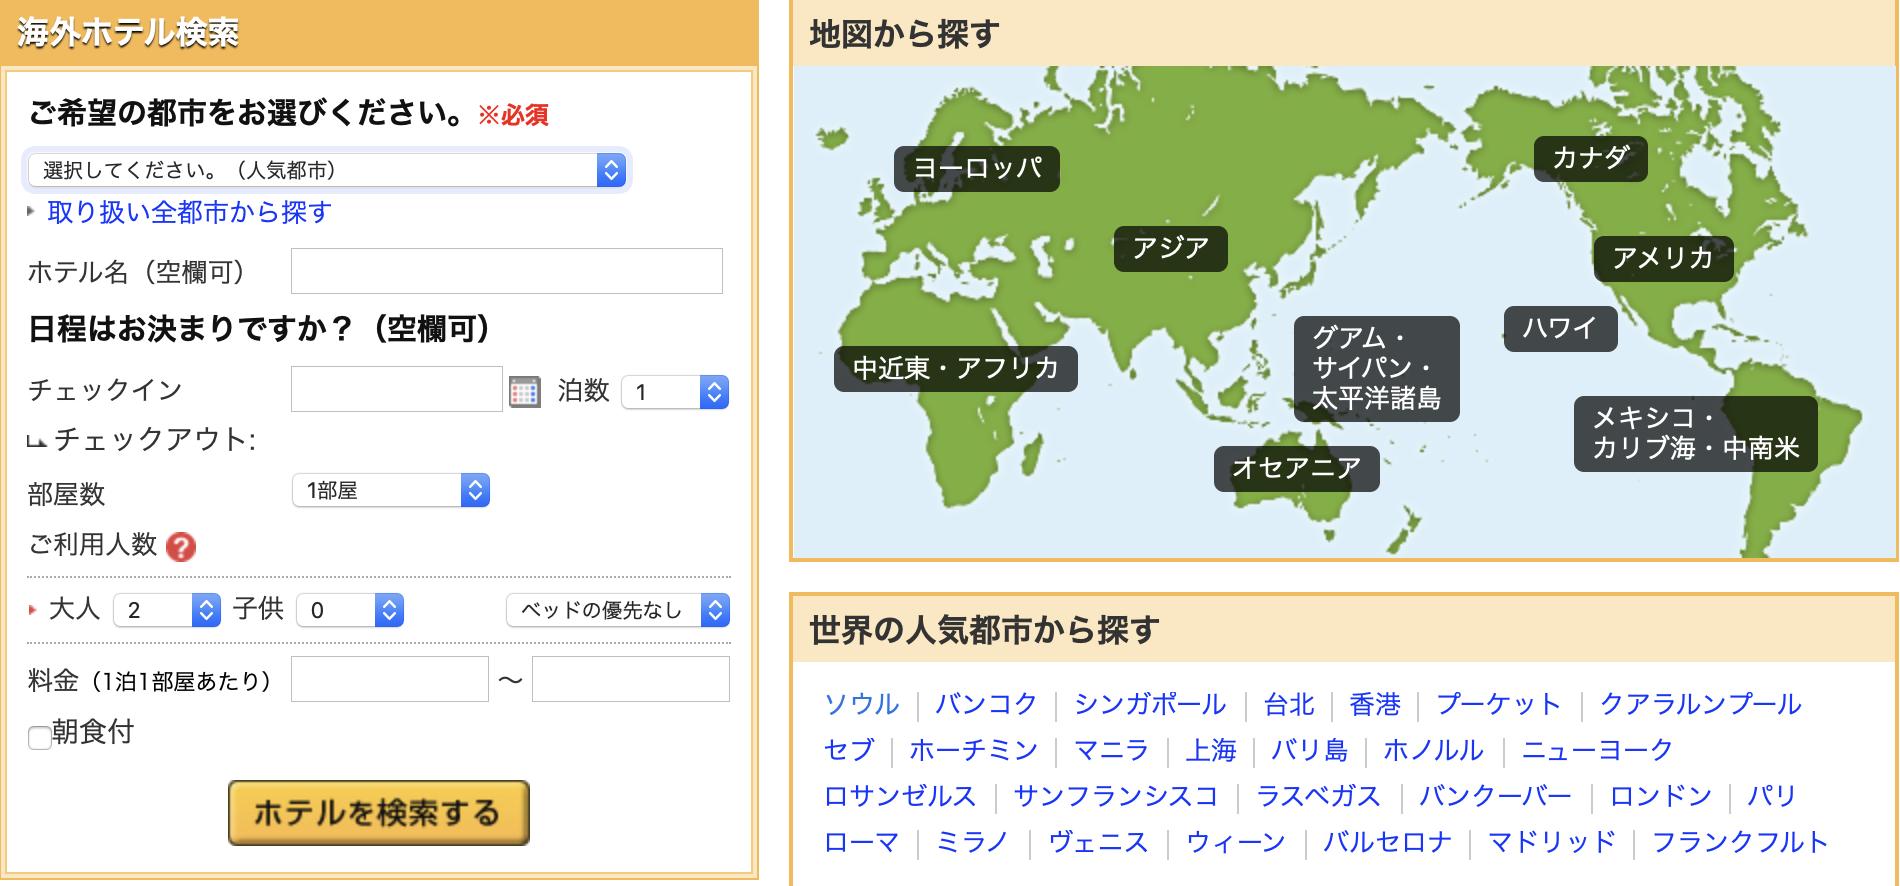 アップルワールドの海外ホテル予約方法